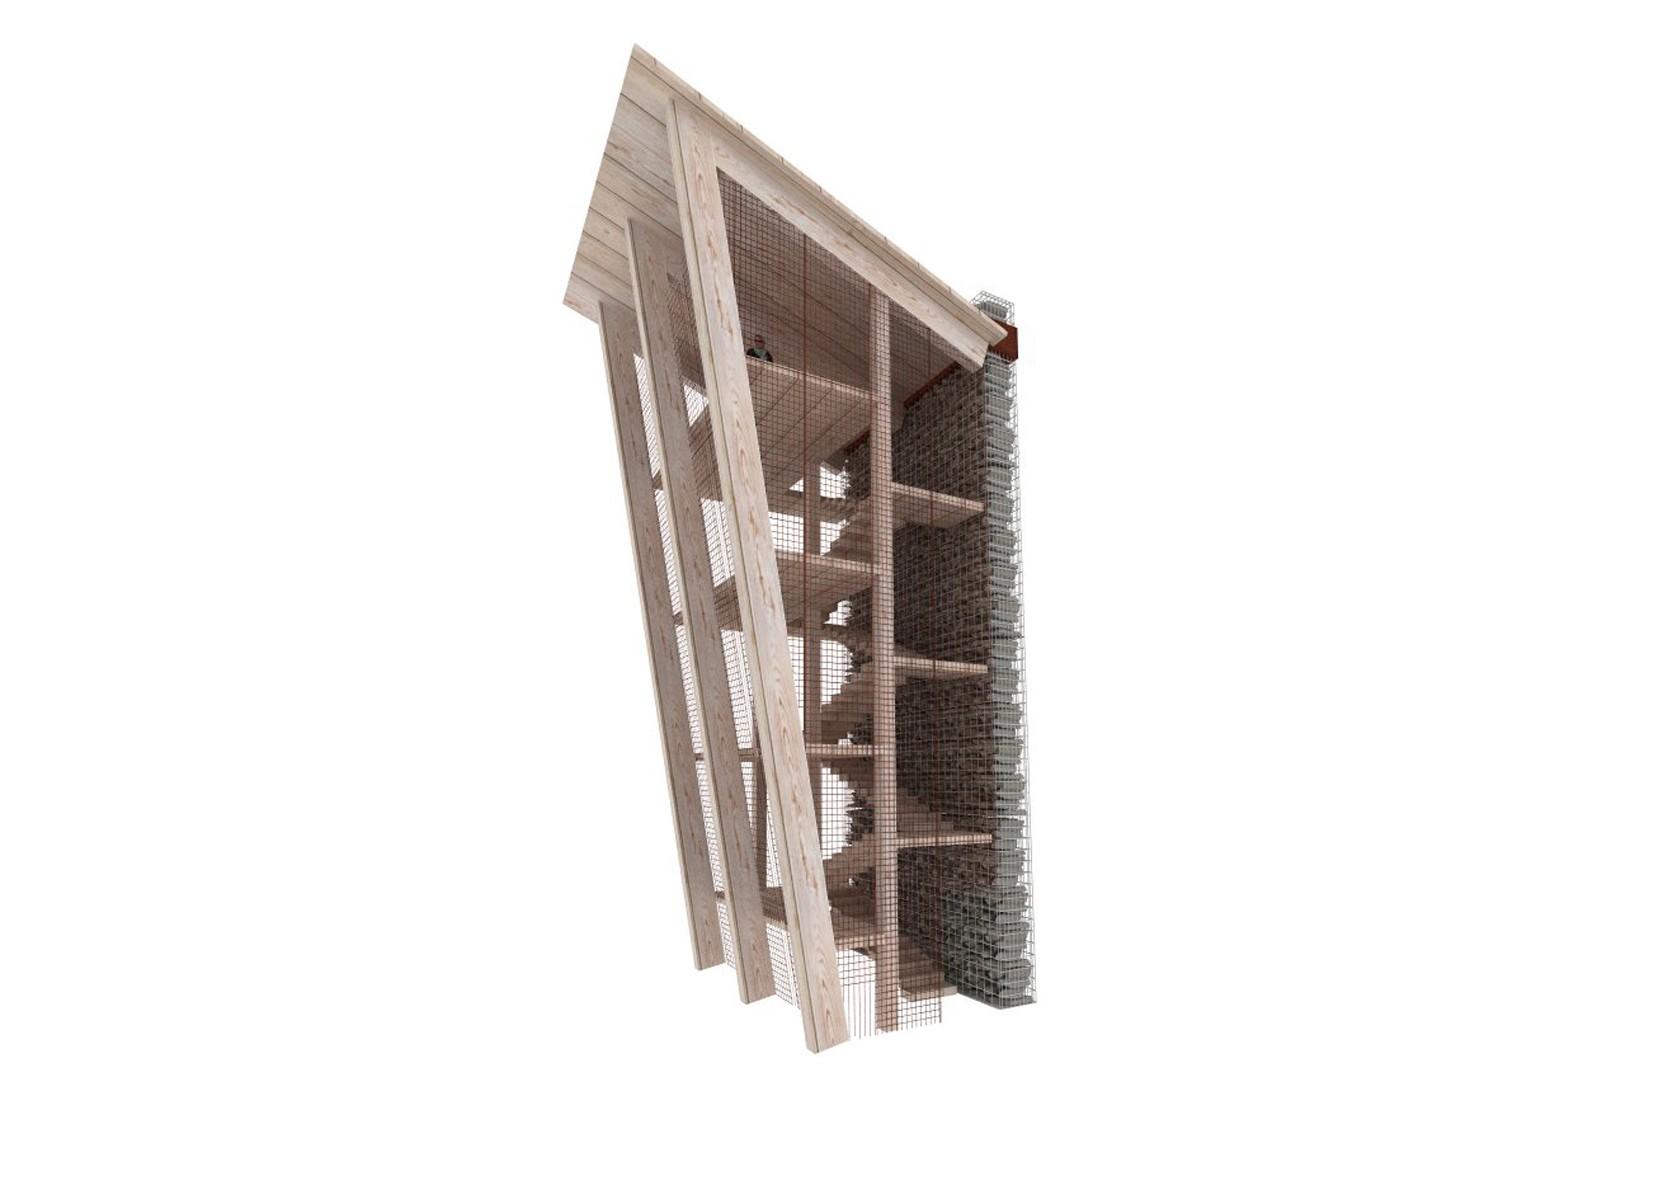 portfolio, szlak jana III sobieskiego, jIIIs, mała architektura, spiczyn, wieża widokowa